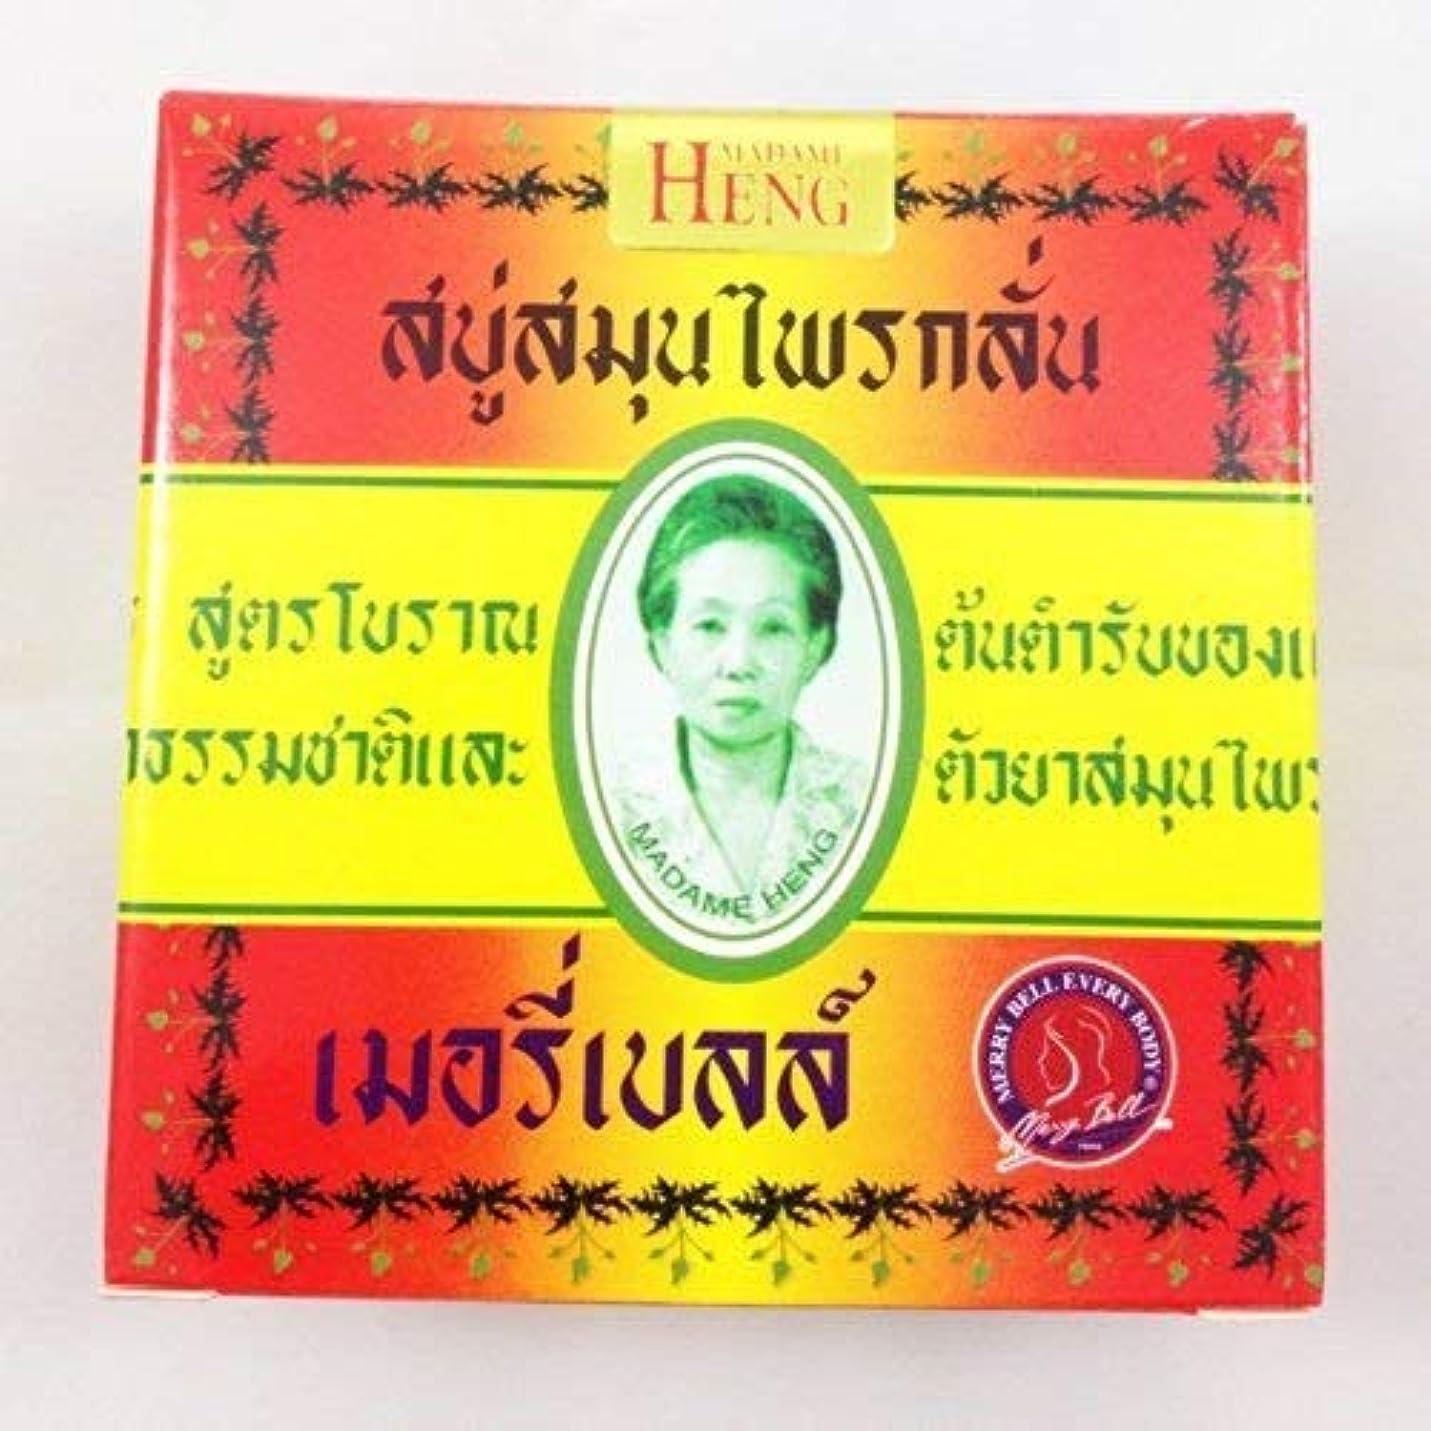 やろうどきどき樹木Madame Heng Thai Original Natural Herbal Soap Bar Made in Thailand 160gx2pcs by Ni Yom Thai shop